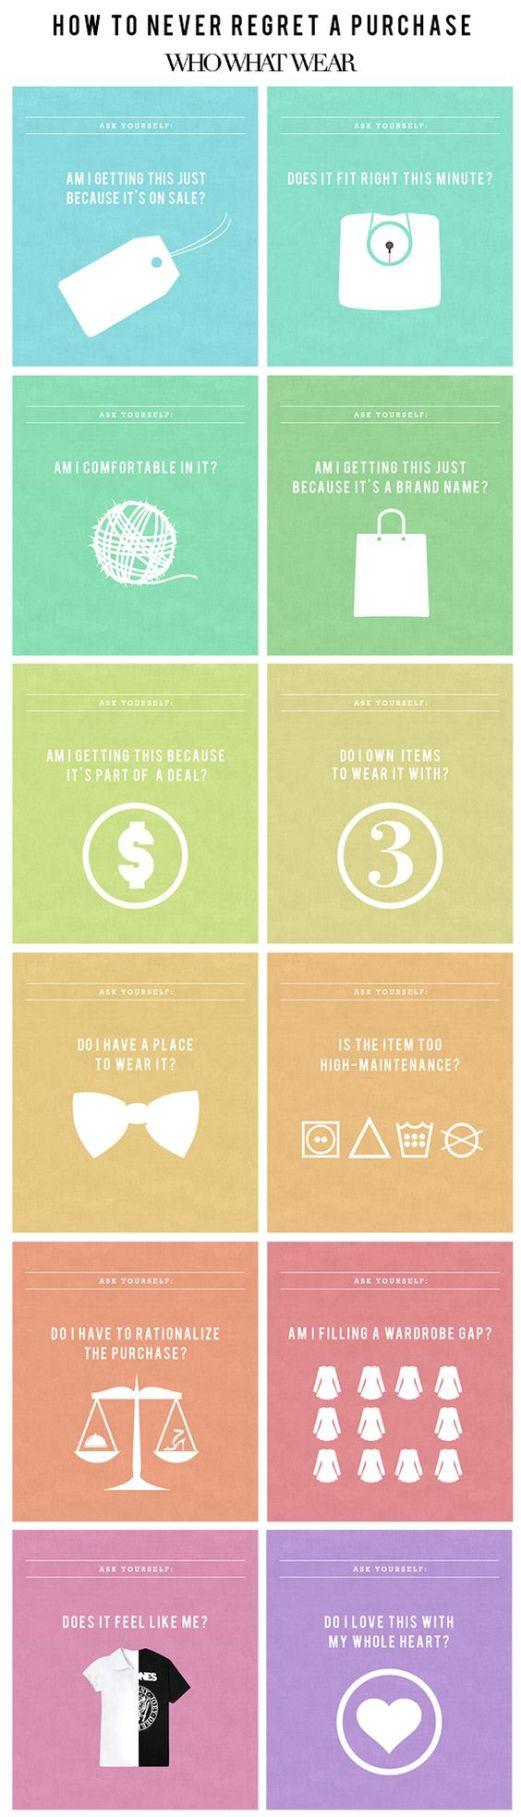 mode durable minimalisme règle achat